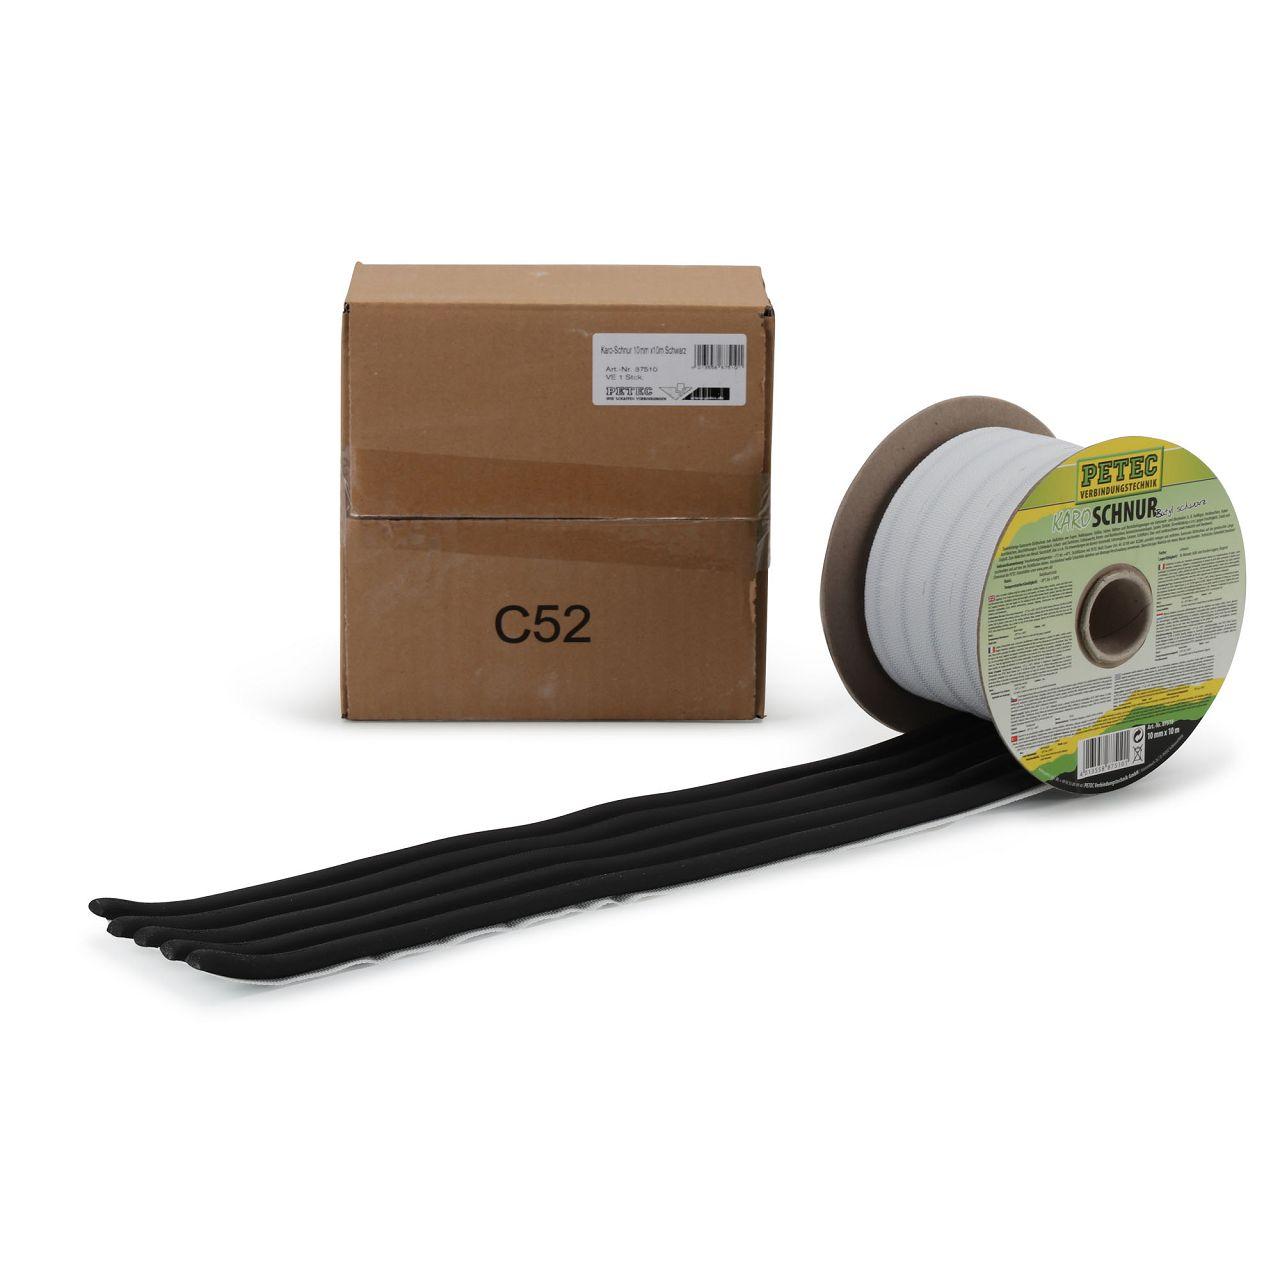 PETEC 87510 Karoschnur Karosseriedichtstoff Dichtschnur BUTYL SCHWARZ 10mm x 10m